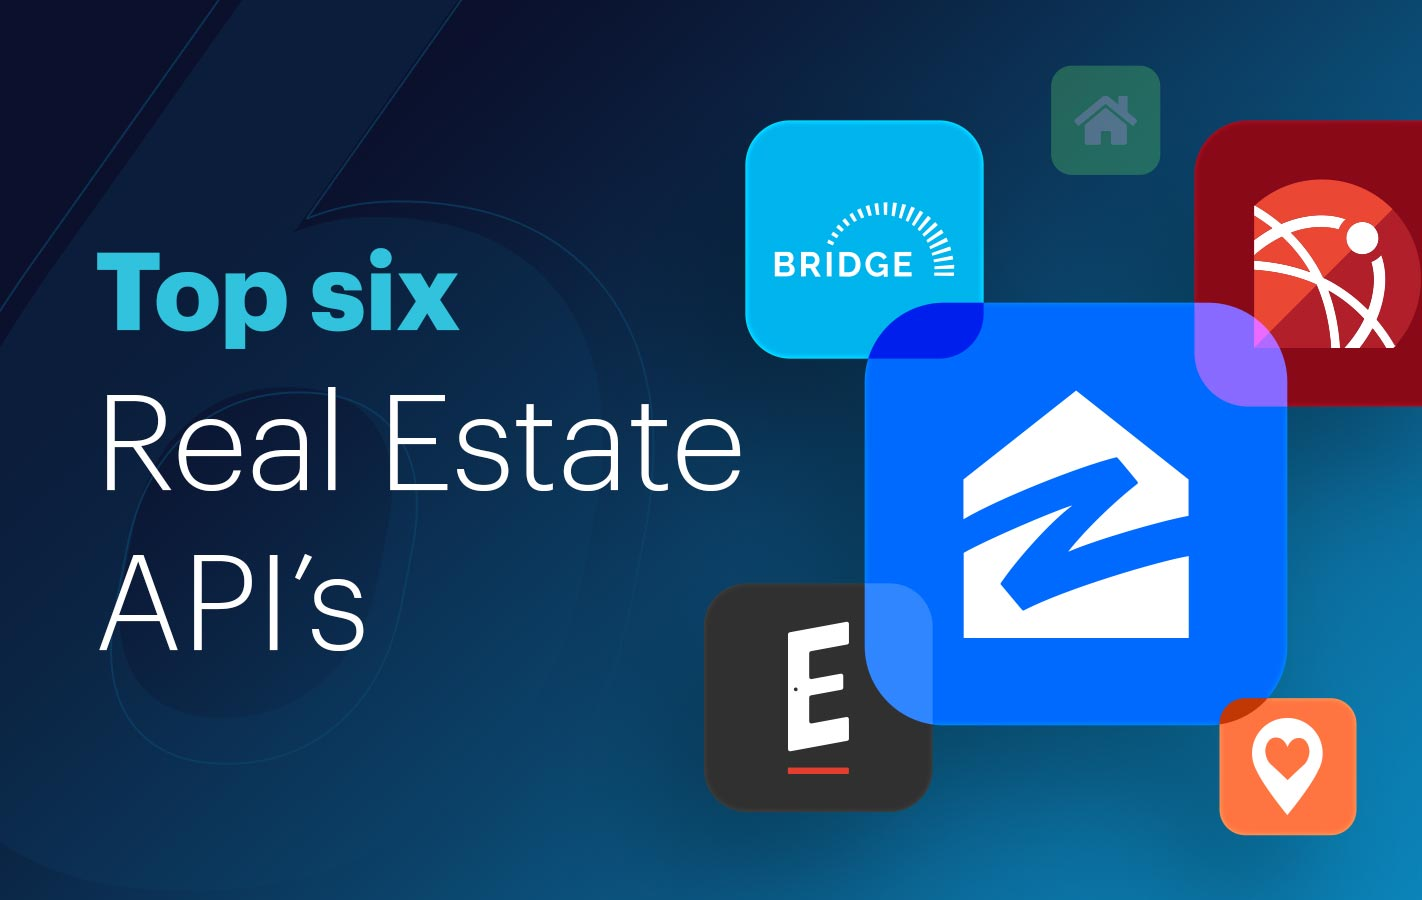 Top six real Estate apis